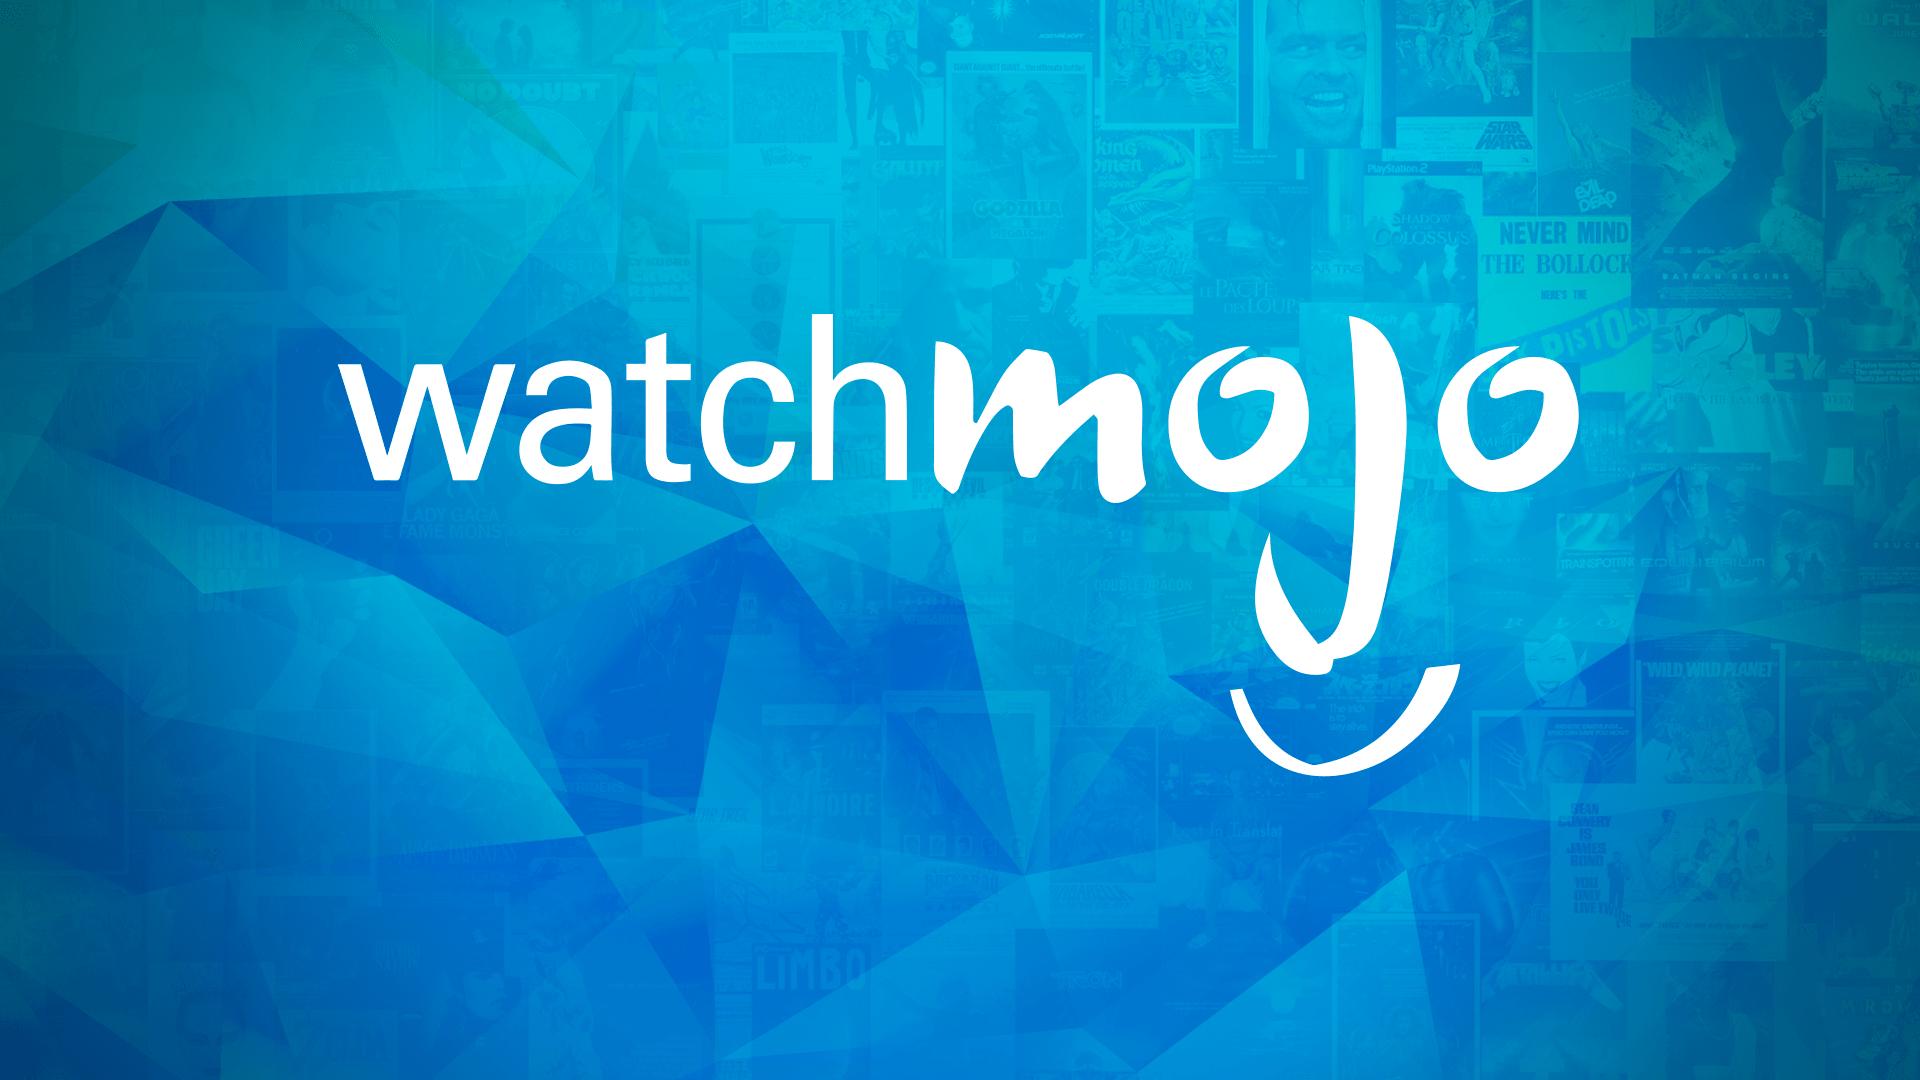 معرفی چند کانال یوتیوب برای دوستداران فیلم